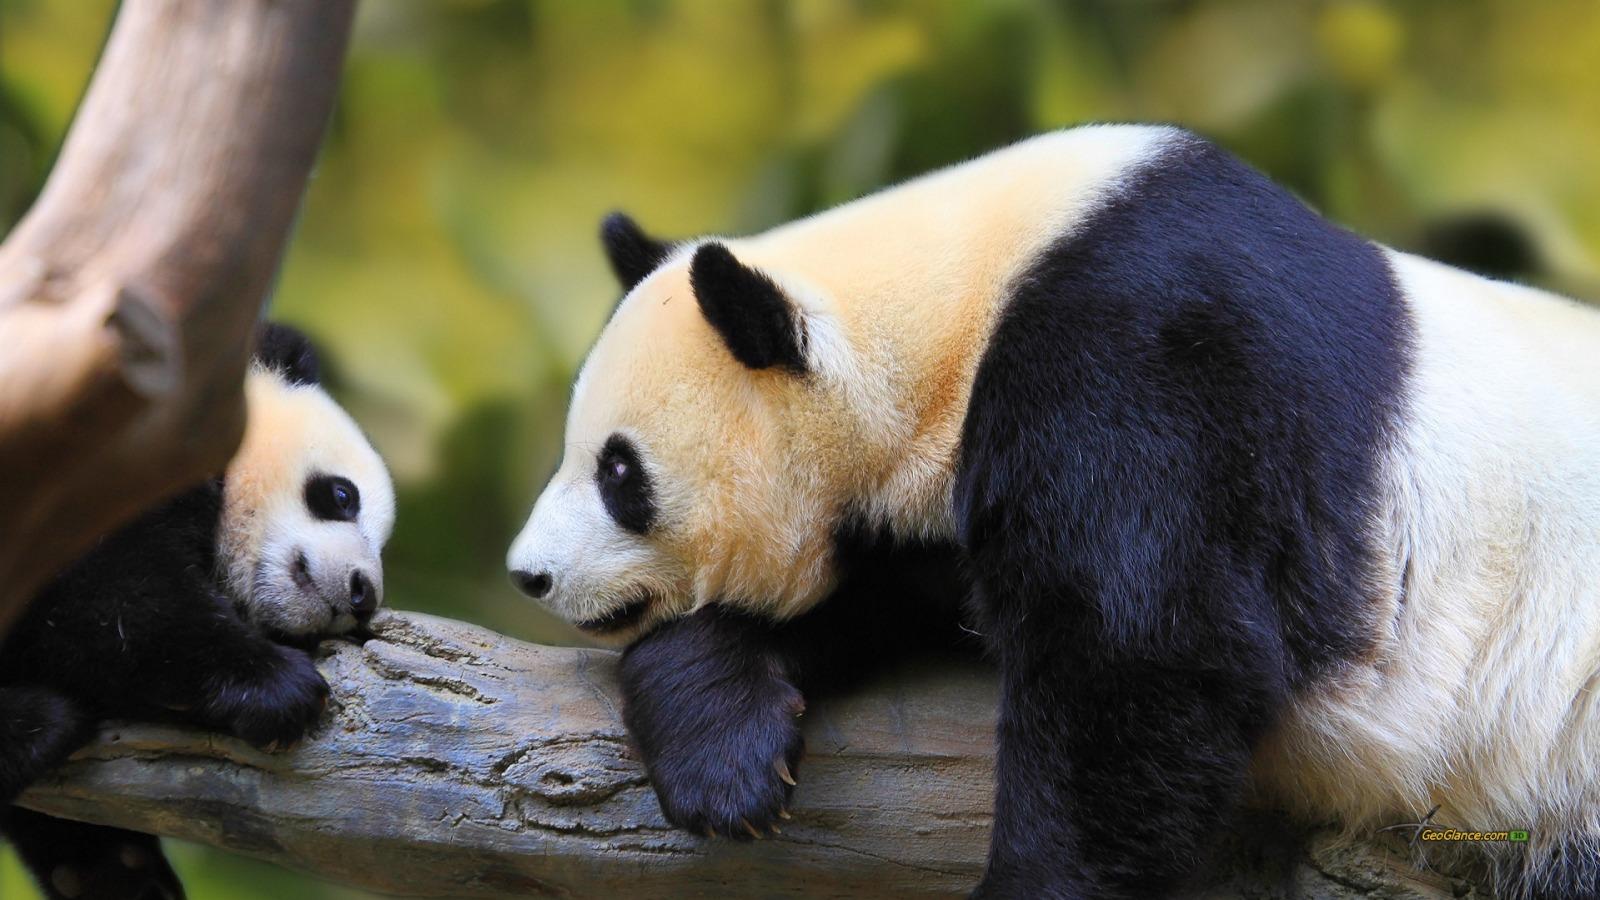 壁纸 大熊猫 动物 1600_900